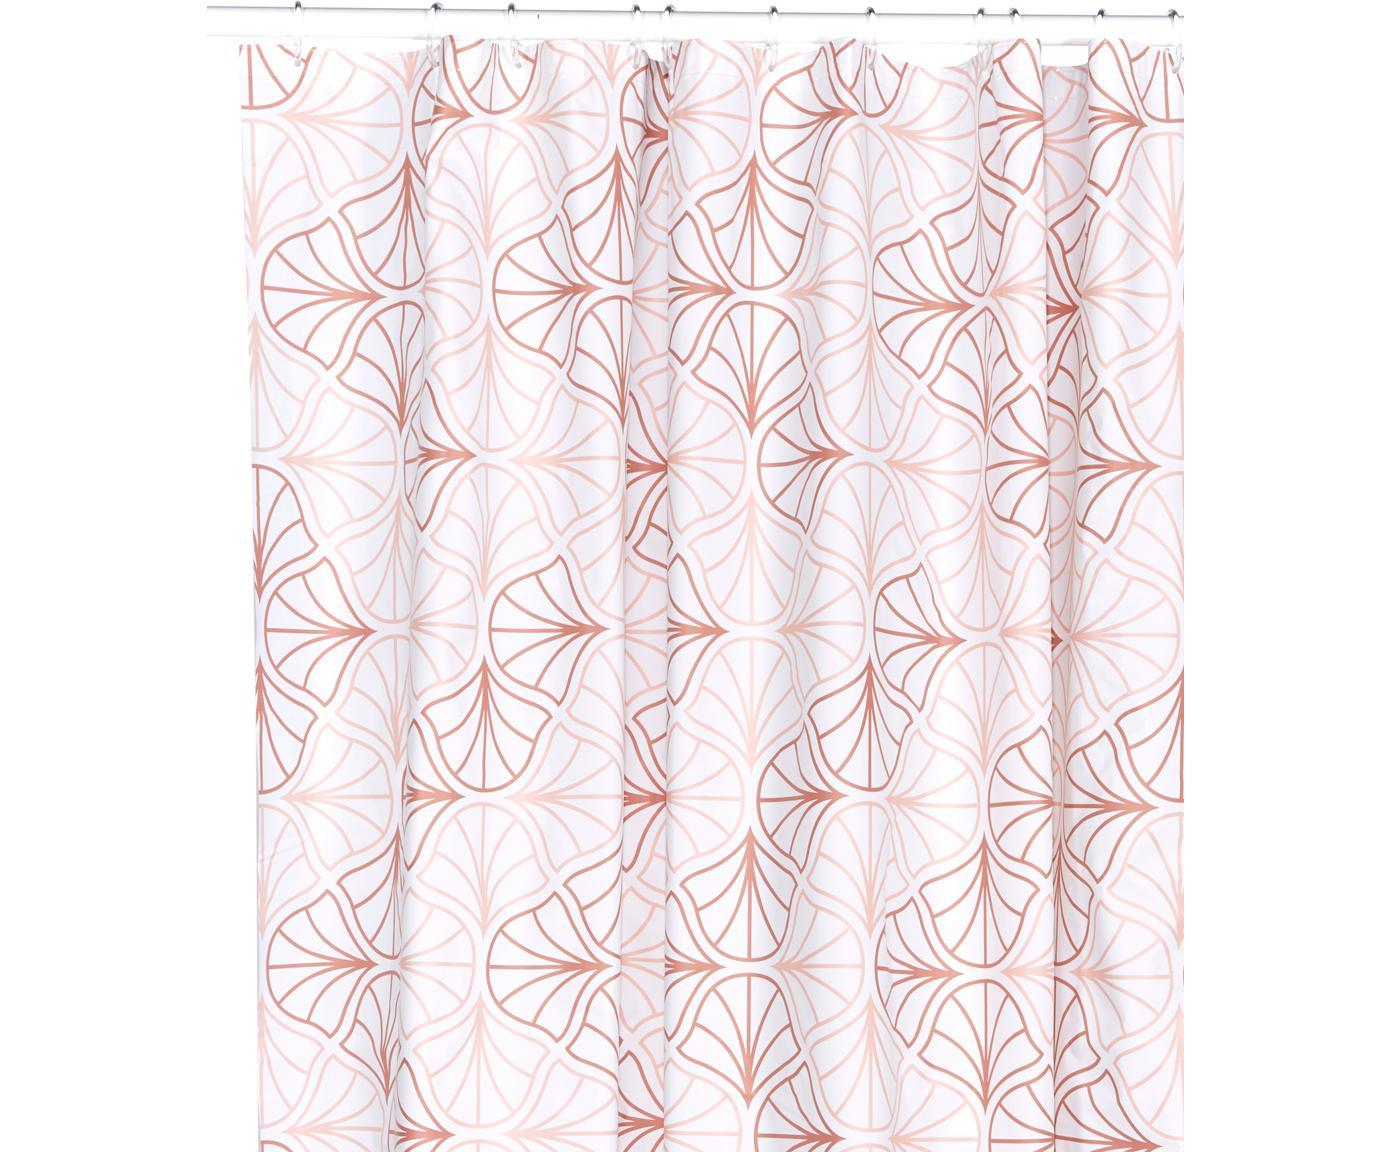 Douchegordijn Bloom met bloemenmotief, Oeko-kunststof (PEVA), vrij van PVC Waterdicht, Rozetinten, wit, 180 x 200 cm